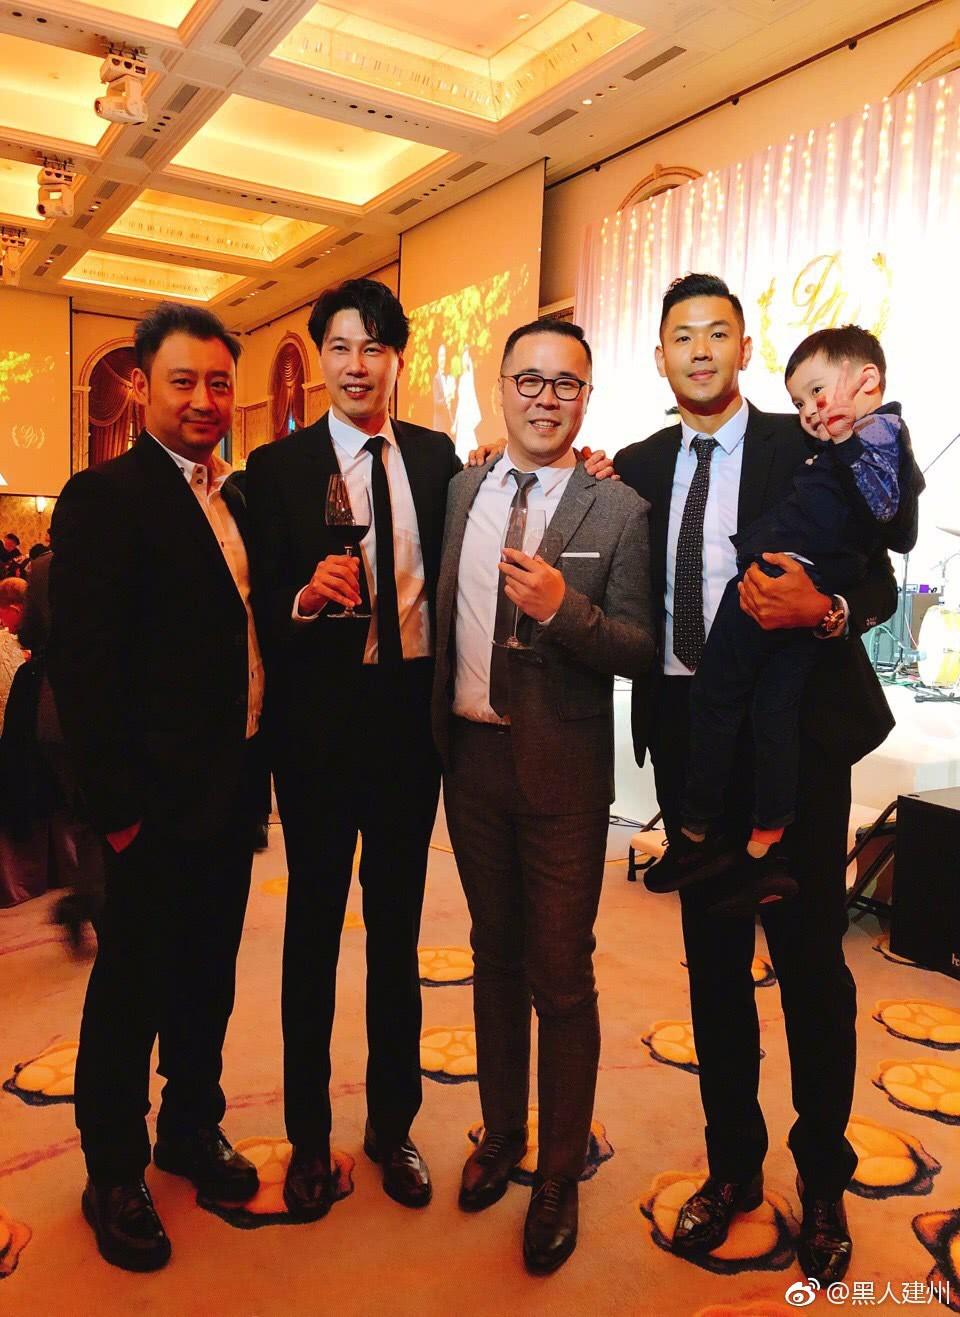 Đám cưới hoành tráng mời nửa showbiz Đài: Cô dâu năm nay đã 54 tuổi - Ảnh 8.